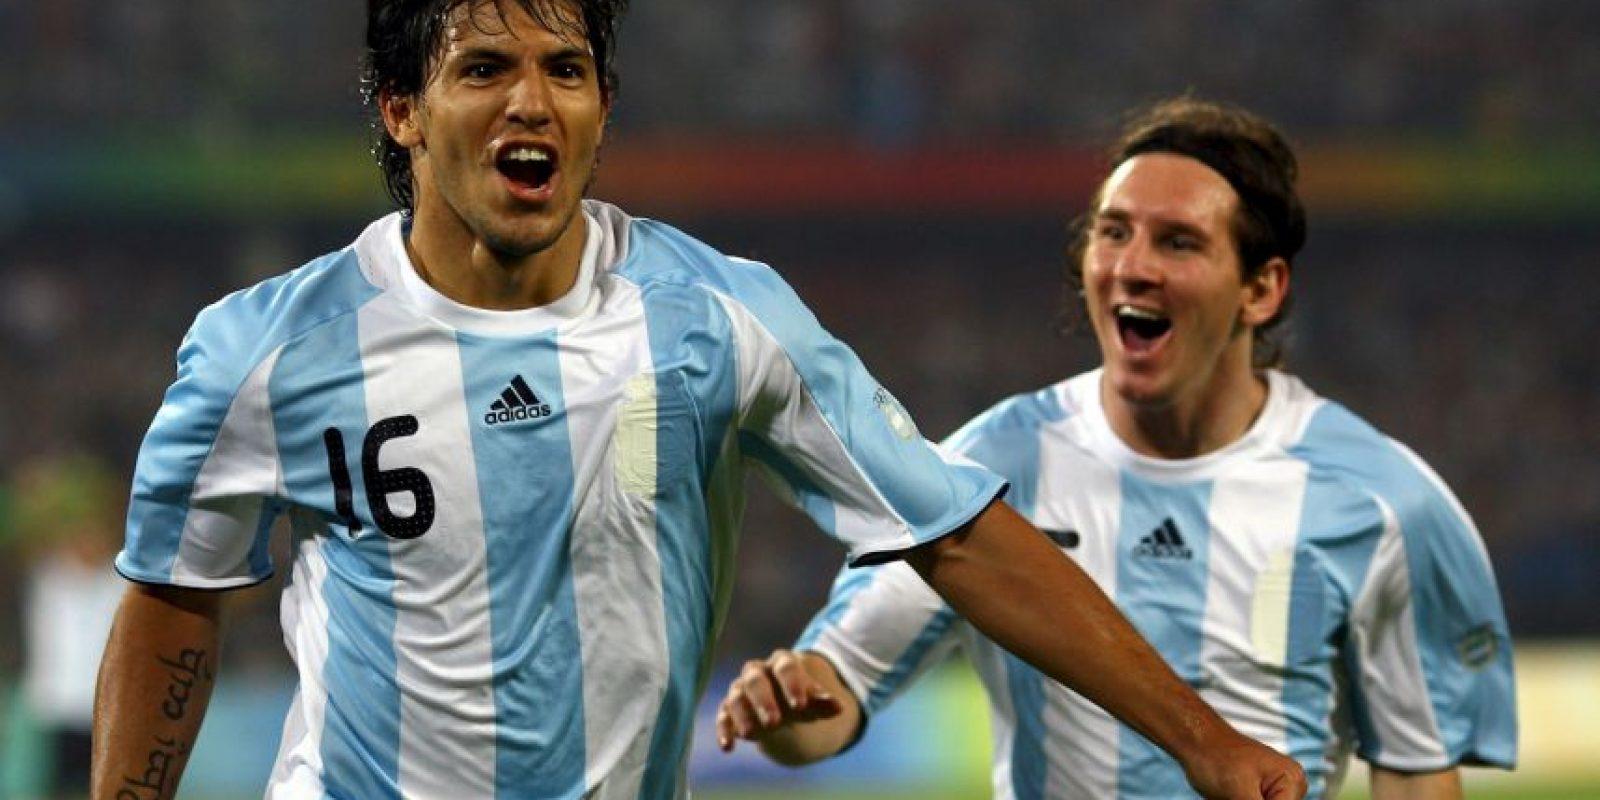 Acudió con Argentina a los Juegos Olímpicos de Pekín 2008, en los cuales ganó la medalla de oro. Foto:Getty Images